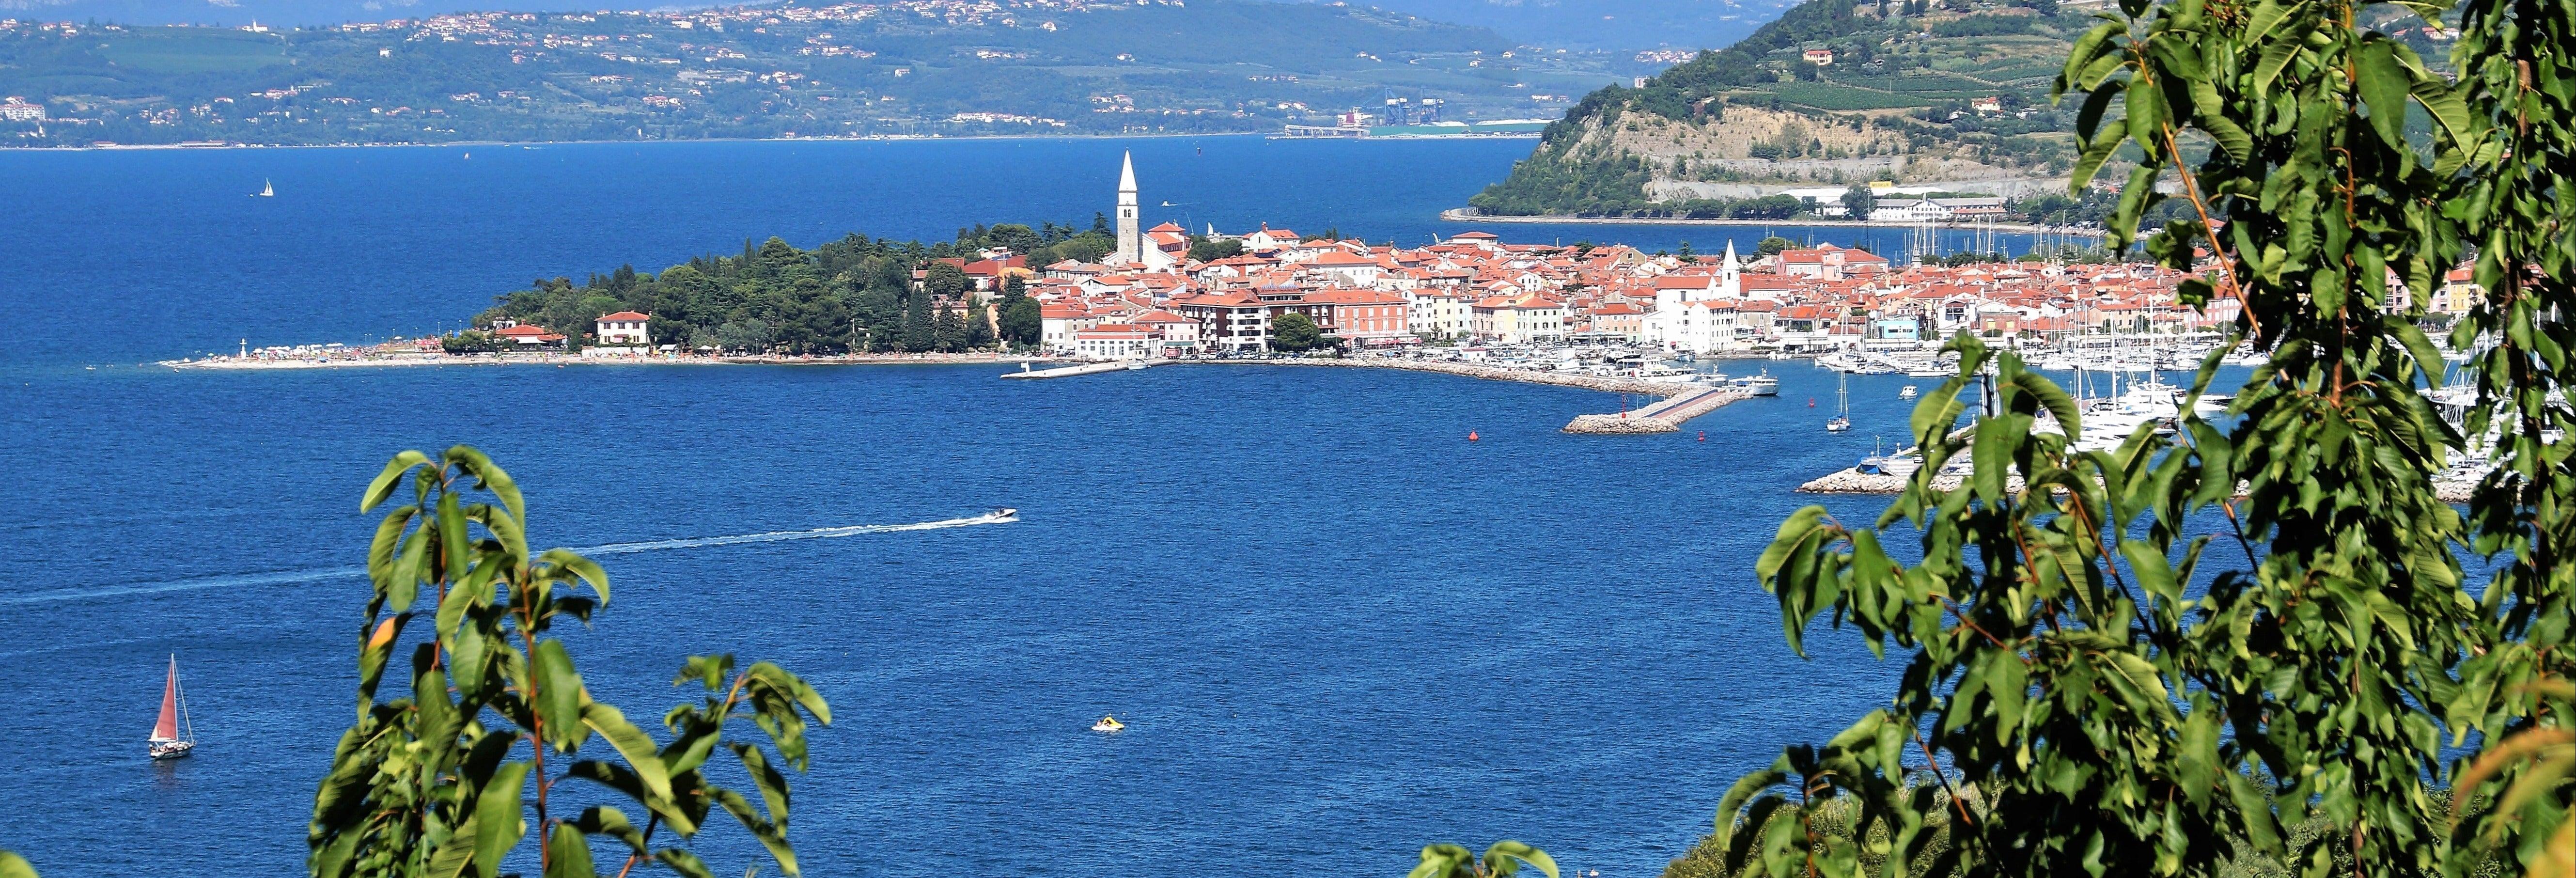 Excursión a Piran e Izola